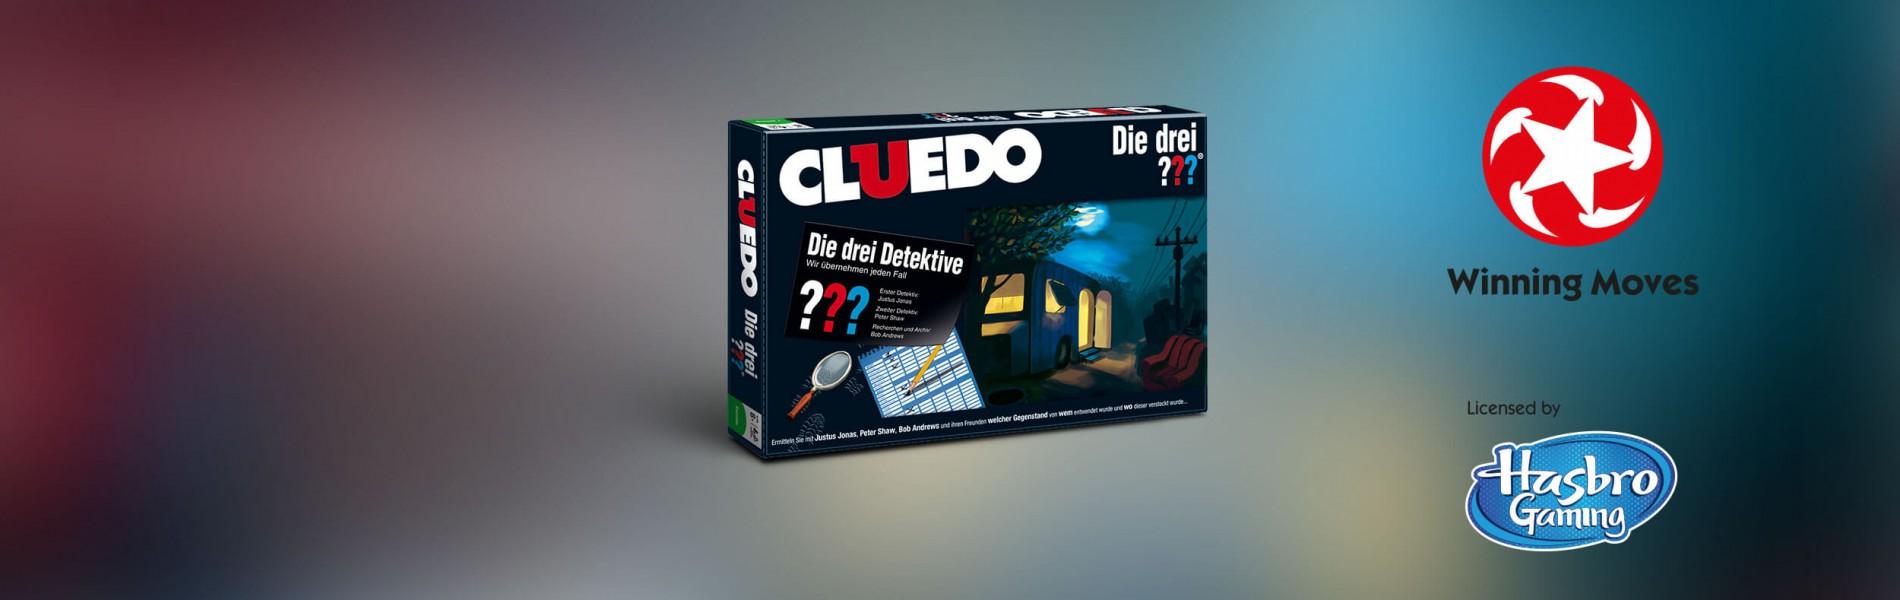 Cluedo – Die drei ???